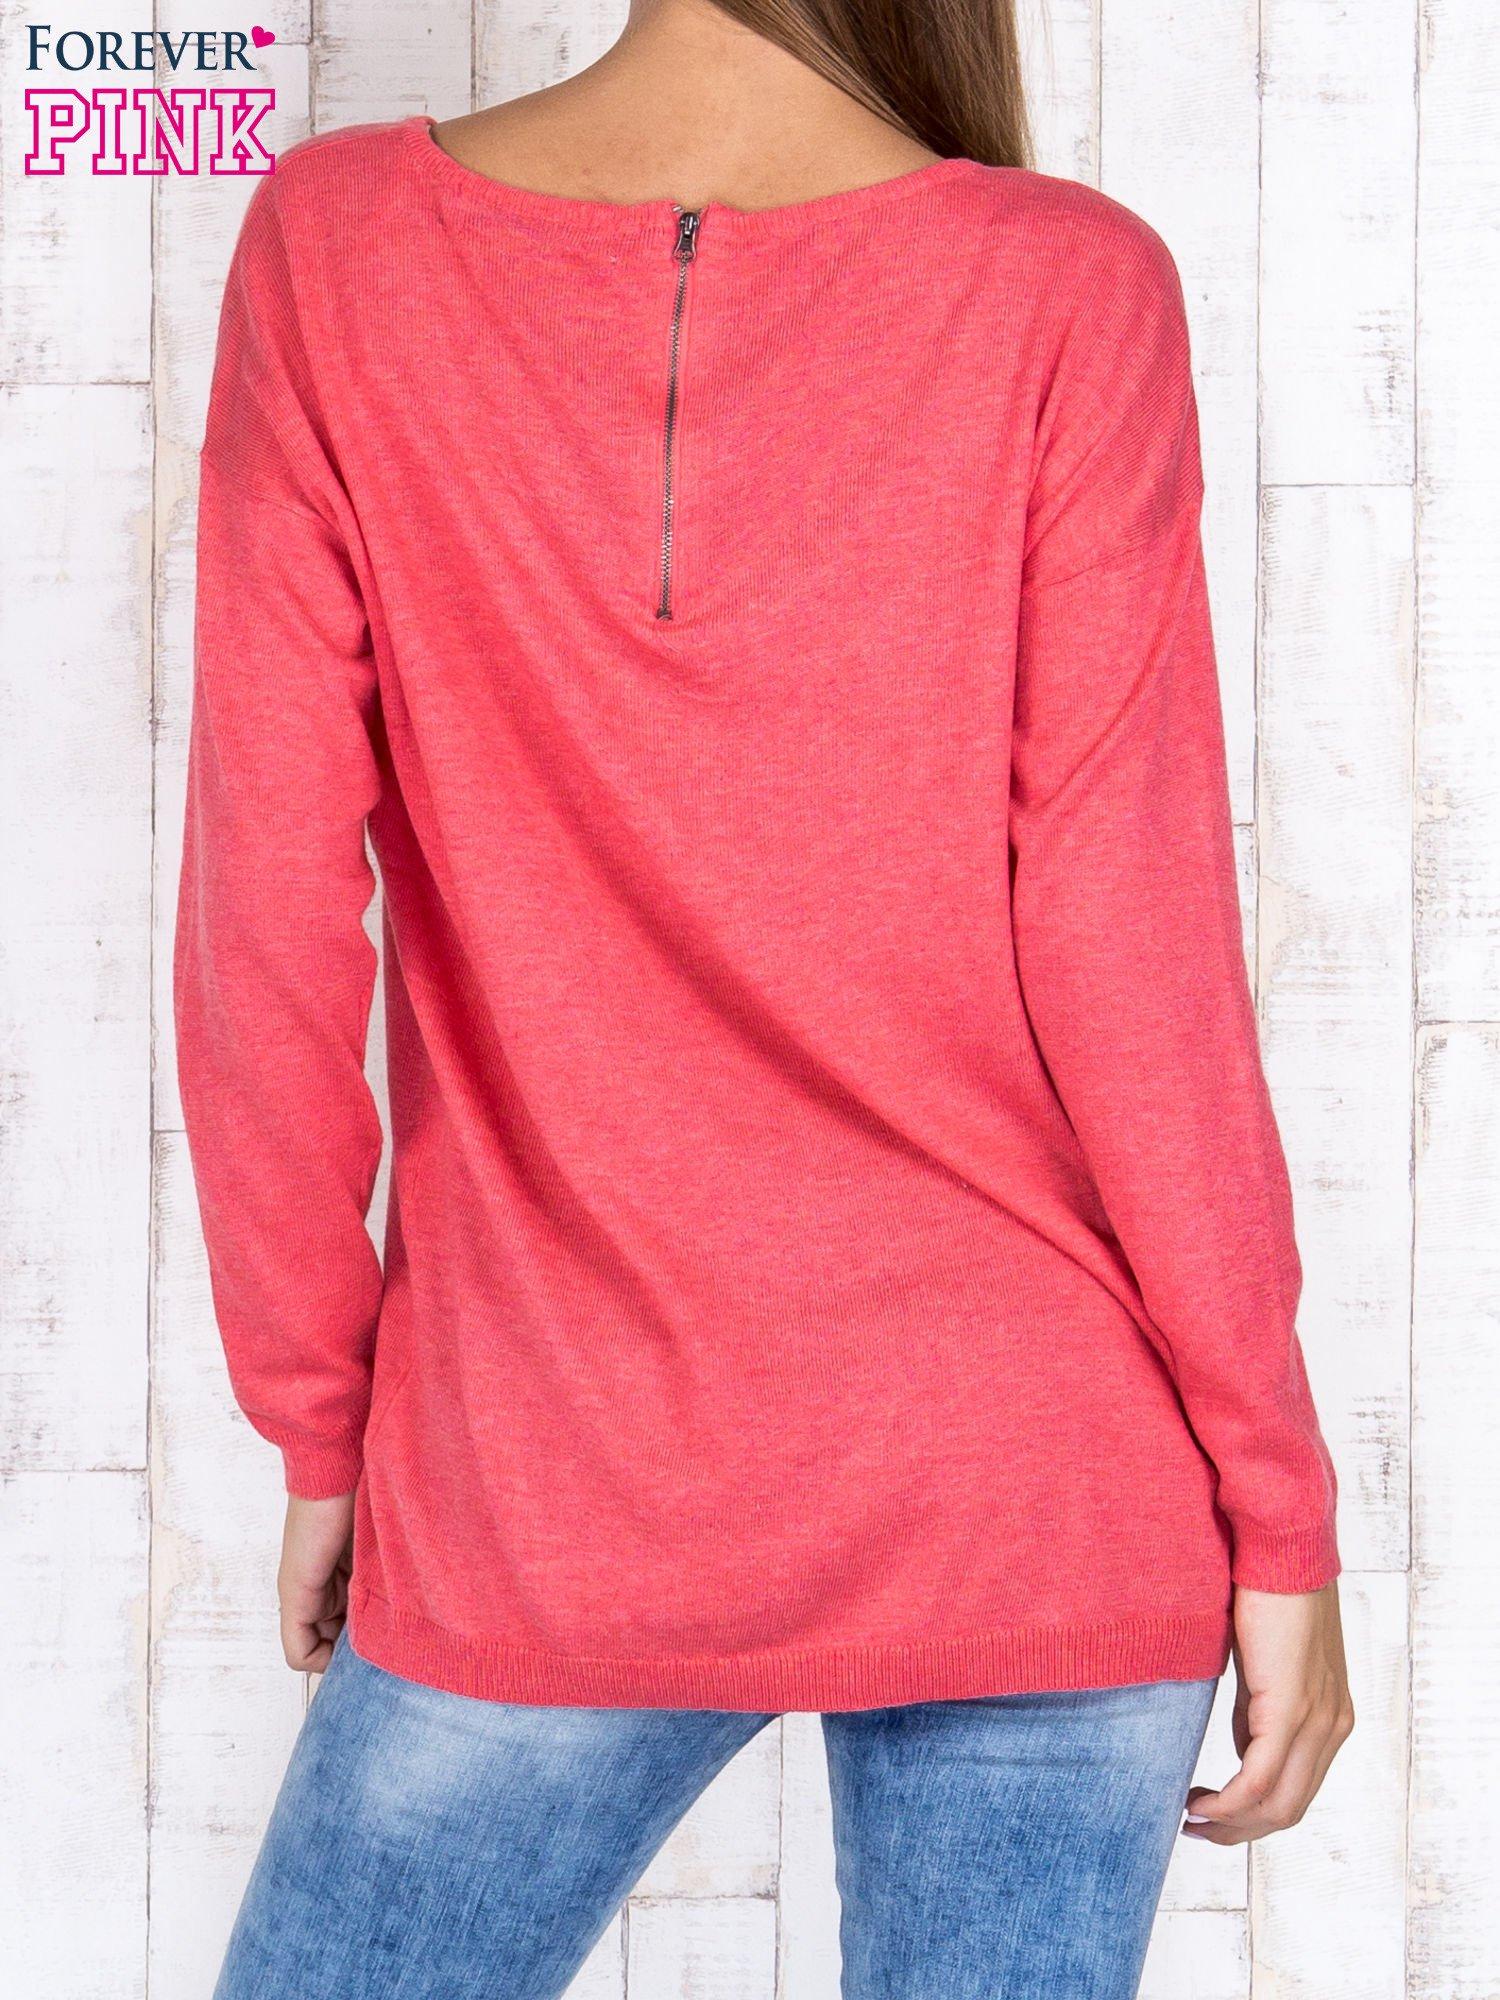 Koralowy nietoperzowy sweter oversize z dłuższym tyłem                                  zdj.                                  4